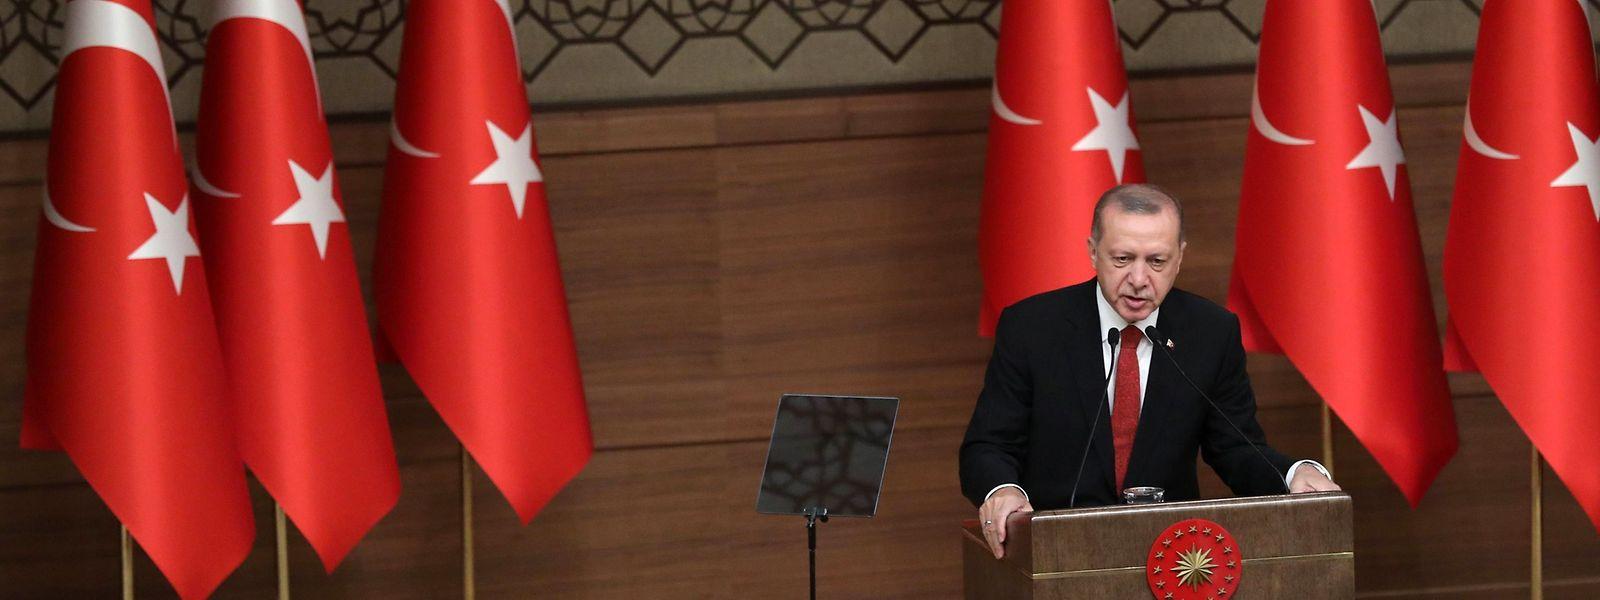 Erdogan hatte den international kritisierten Notstand nach dem Putschversuch im Sommer 2016 verhängt.